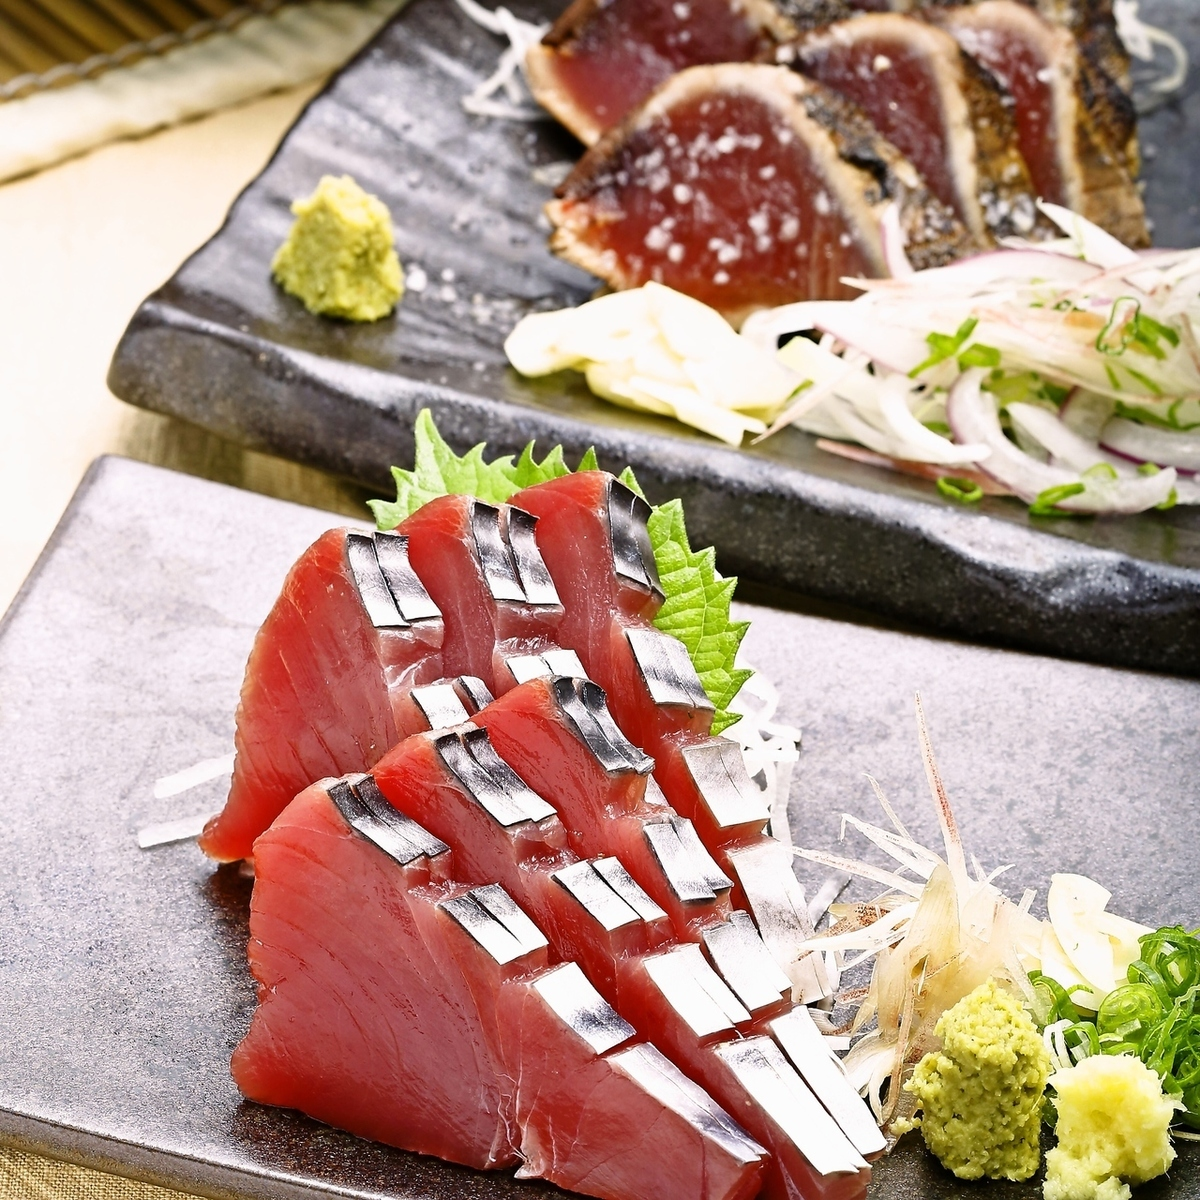 梅美丸的bon魚(鹽tataki +醬皮+ bon魚生魚片)